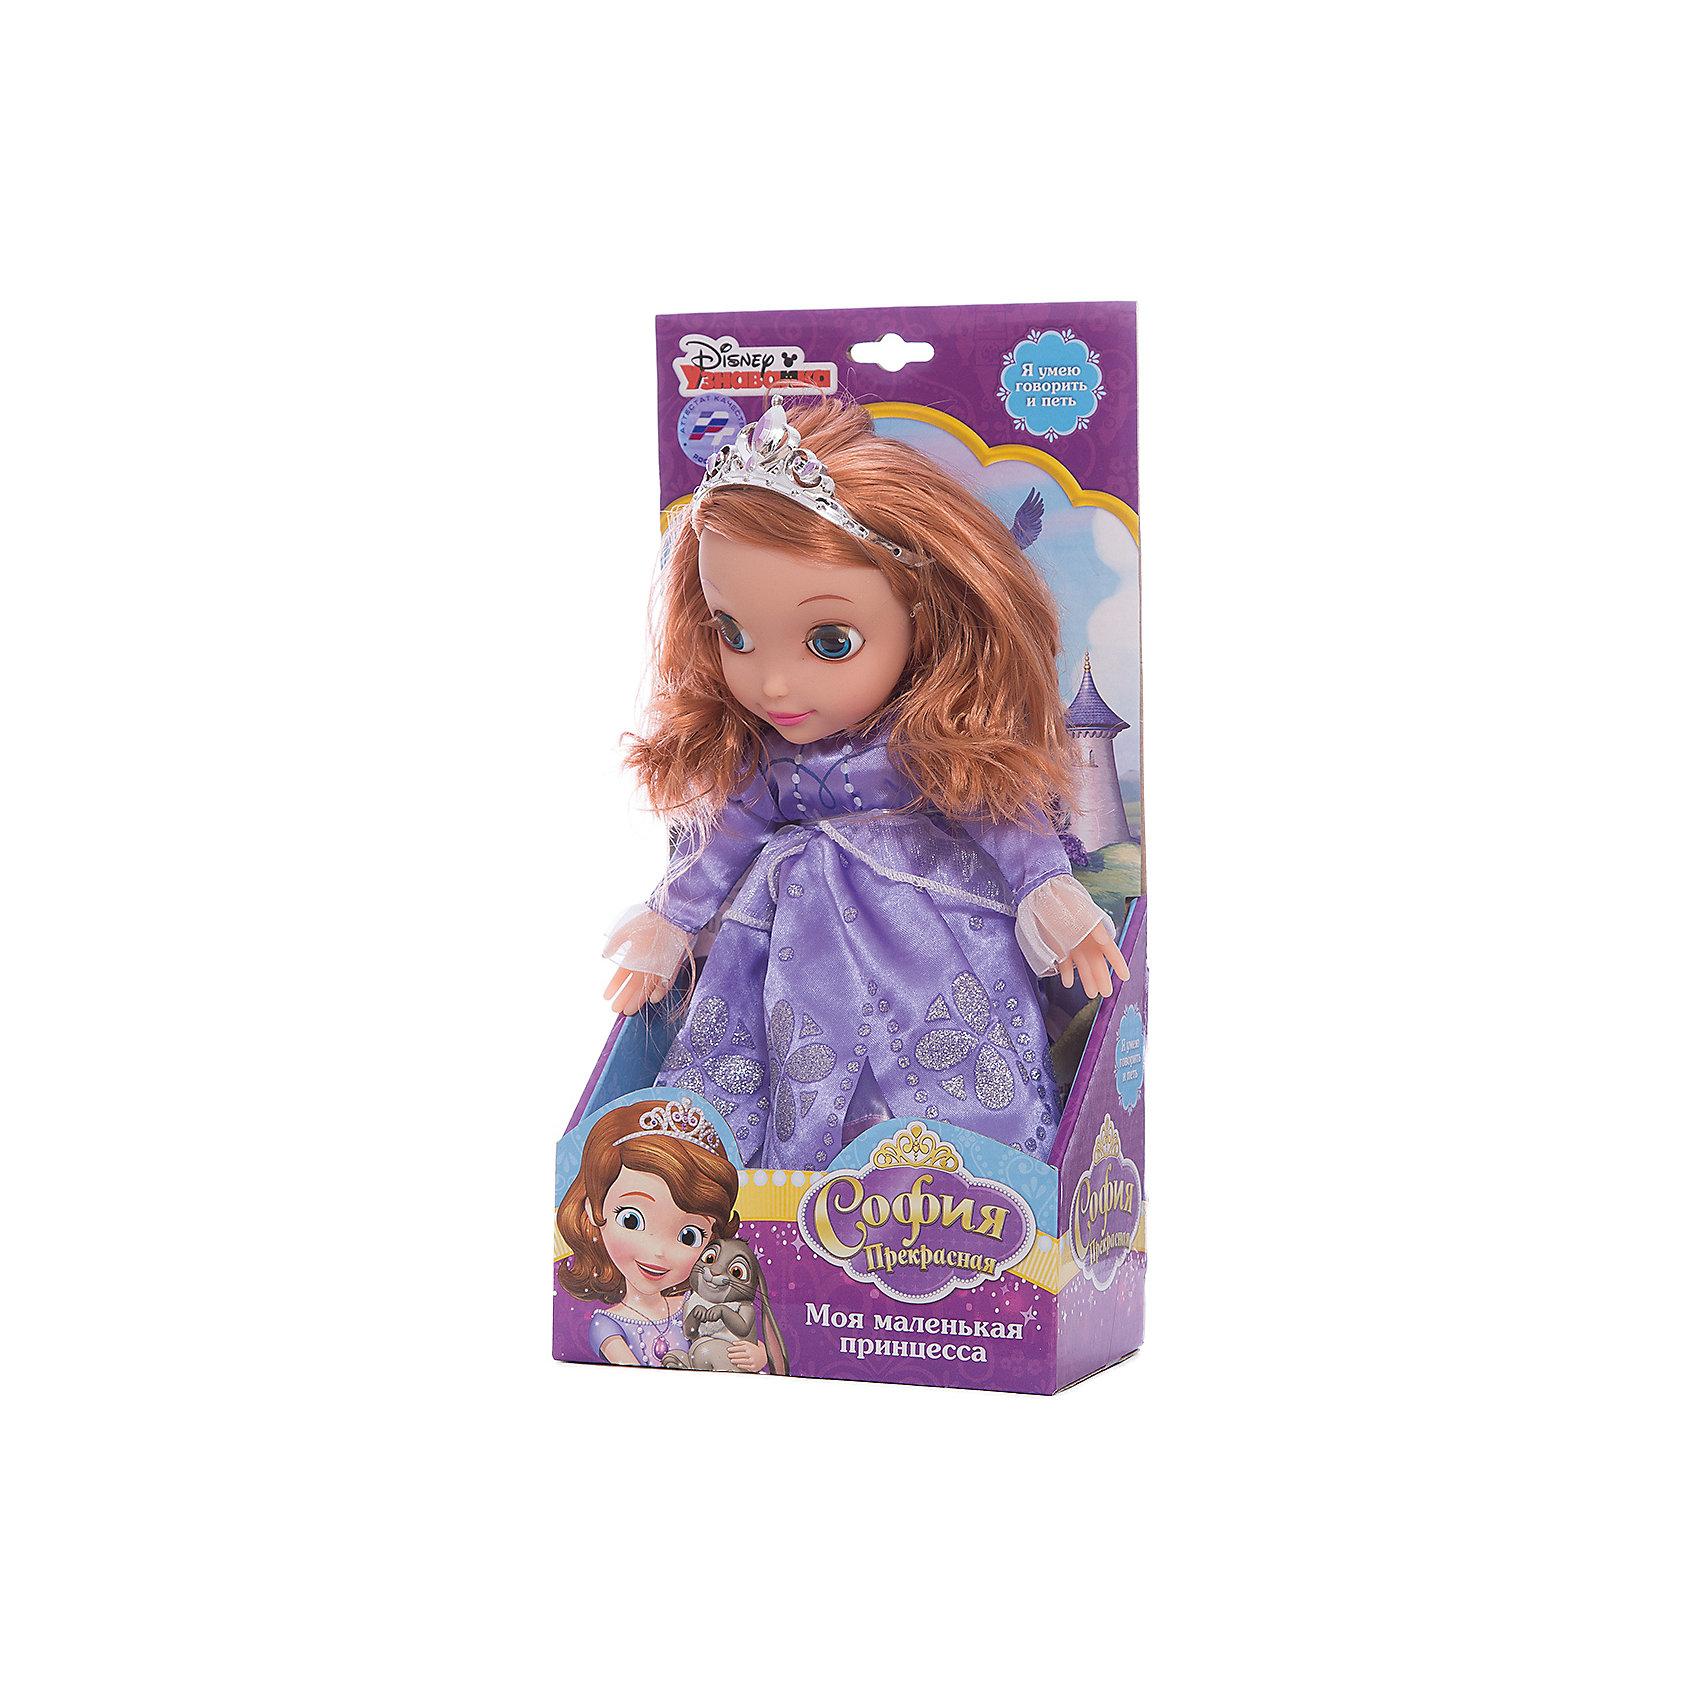 Кукла Принцесса София, 30 см, со звуком, Disney Princess, МУЛЬТИ-ПУЛЬТИОзвученные мягкие игрушки<br>Мягкая игрушка Принцесса София со звуком от марки МУЛЬТИ-ПУЛЬТИ<br><br>Очаровательная игрушка от отечественного производителя сделана в виде известного персонажа из мультфильма. Она поможет ребенку проводить время весело и с пользой. В игрушке есть встроенный звуковой модуль, работающий на батарейках.<br>Размер игрушки универсален - 30 сантиметров, её удобно брать с собой в поездки и на прогулку. Сделана она из качественных и безопасных для ребенка материалов, которые еще и приятны на ощупь. <br><br>Отличительные особенности  игрушки:<br><br>- материал: текстиль, пластик;<br>- звуковой модуль;<br>- волосы расчесываются;<br>- работает на батарейках;<br>- высота: 30 см.<br><br>Мягкую игрушку Принцесса София от марки МУЛЬТИ-ПУЛЬТИ можно купить в нашем магазине.<br><br>Ширина мм: 650<br>Глубина мм: 380<br>Высота мм: 750<br>Вес г: 440<br>Возраст от месяцев: 36<br>Возраст до месяцев: 84<br>Пол: Женский<br>Возраст: Детский<br>SKU: 4659505